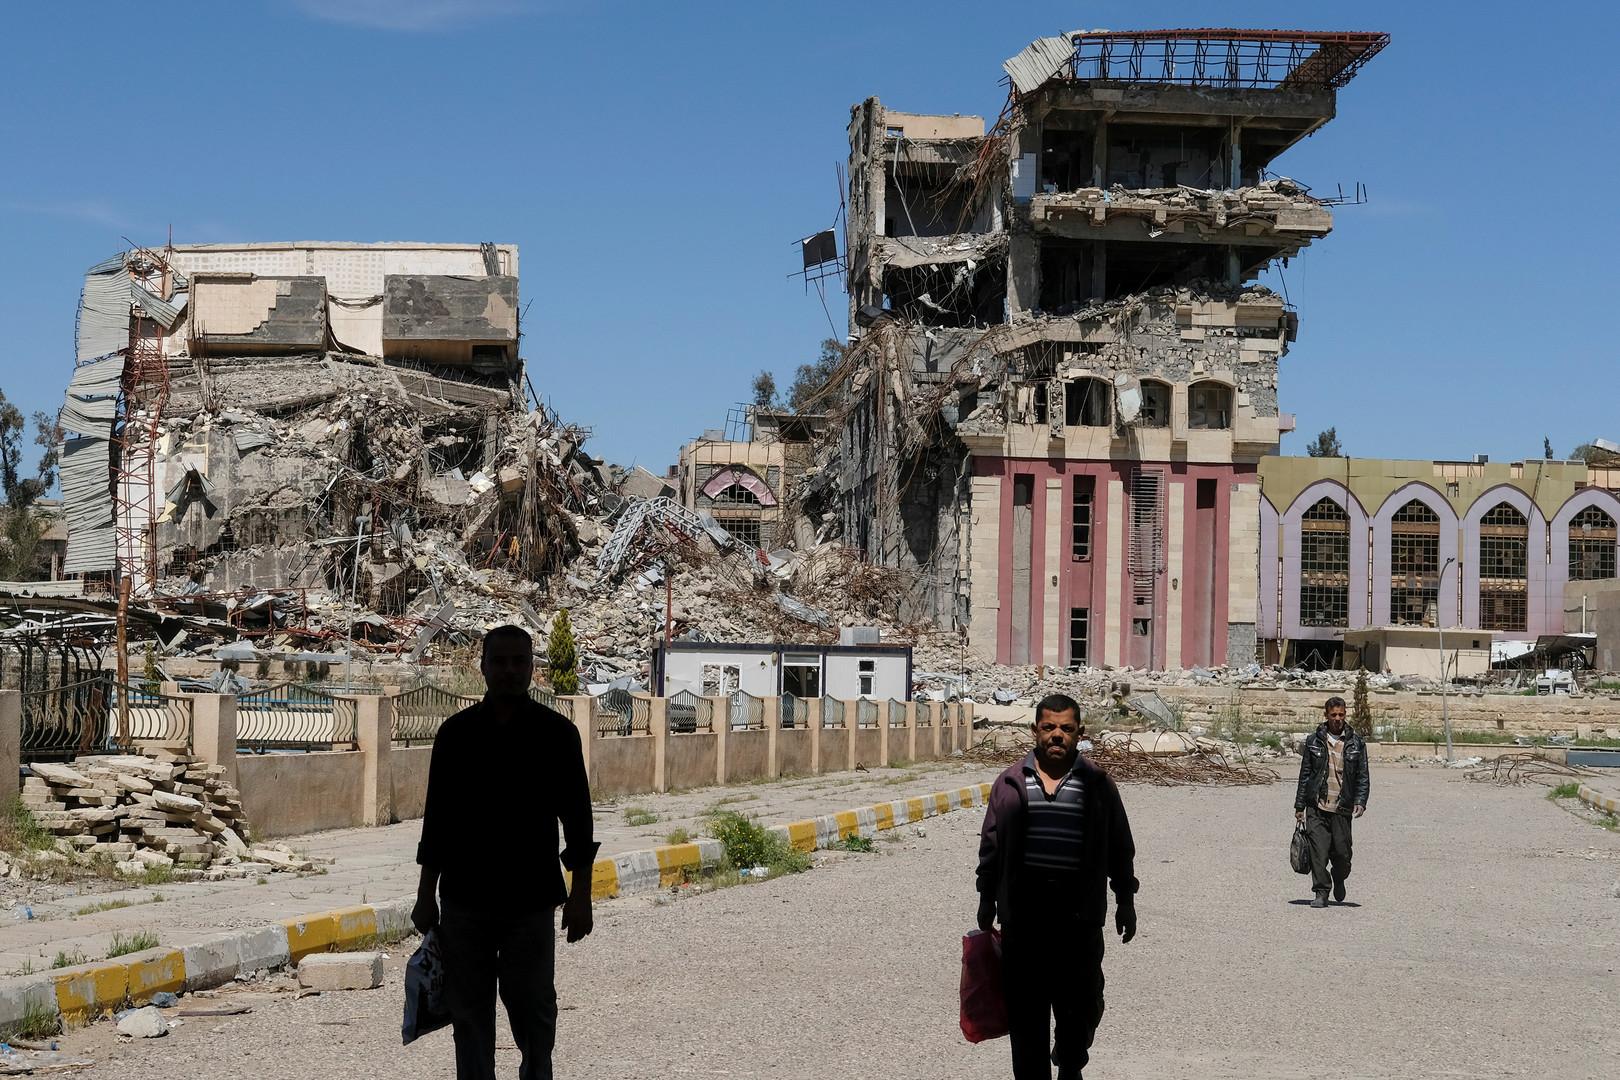 IS testet Chemie-Waffen an lebenden Opfern – Einsatz angeblich in USA und EU geplant